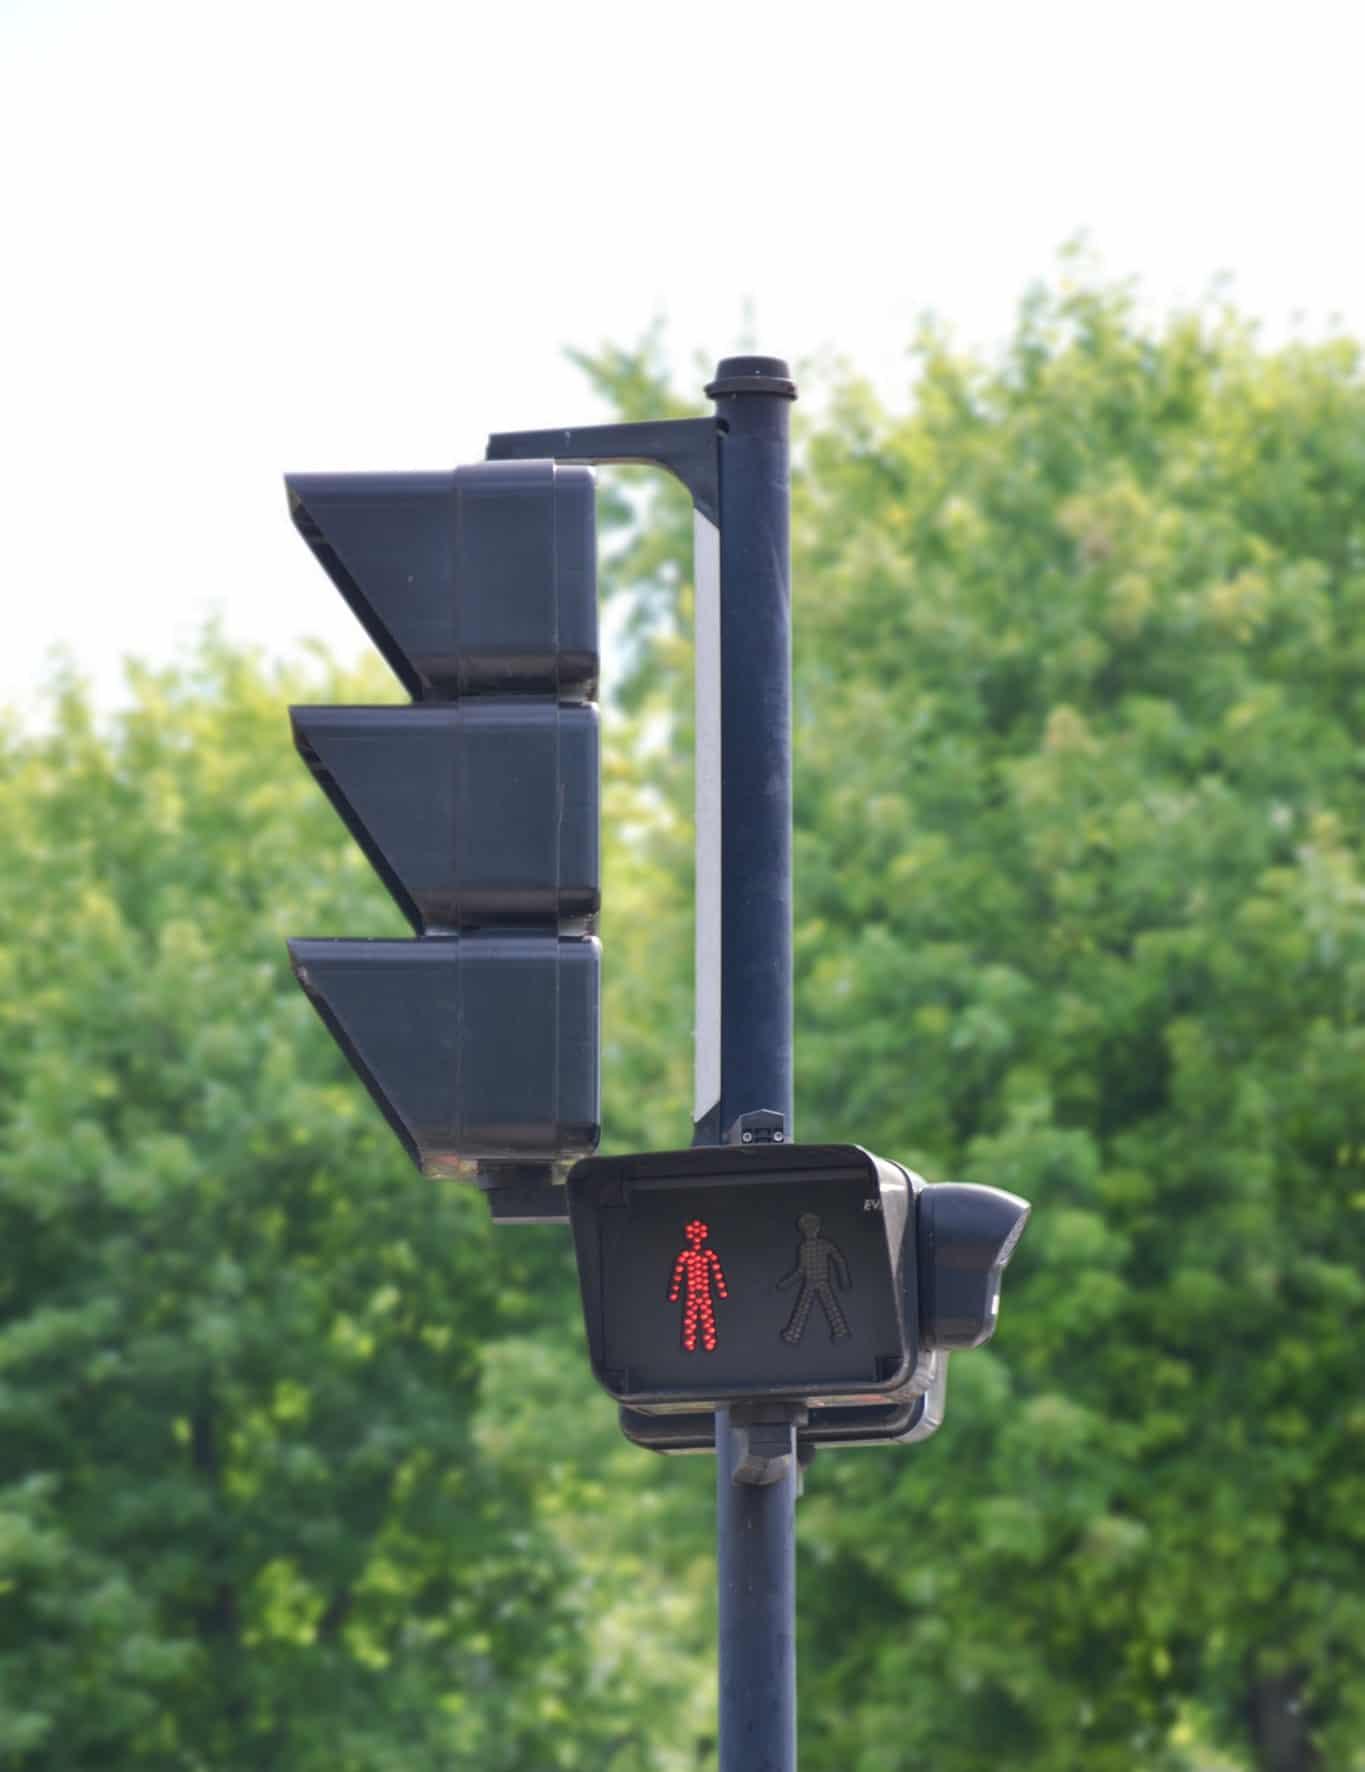 Les feux sonores fonctionnels sont obligatoires, rappelle le guide «CONCEVOIR UNE VOIRIE ACCESSIBLE»